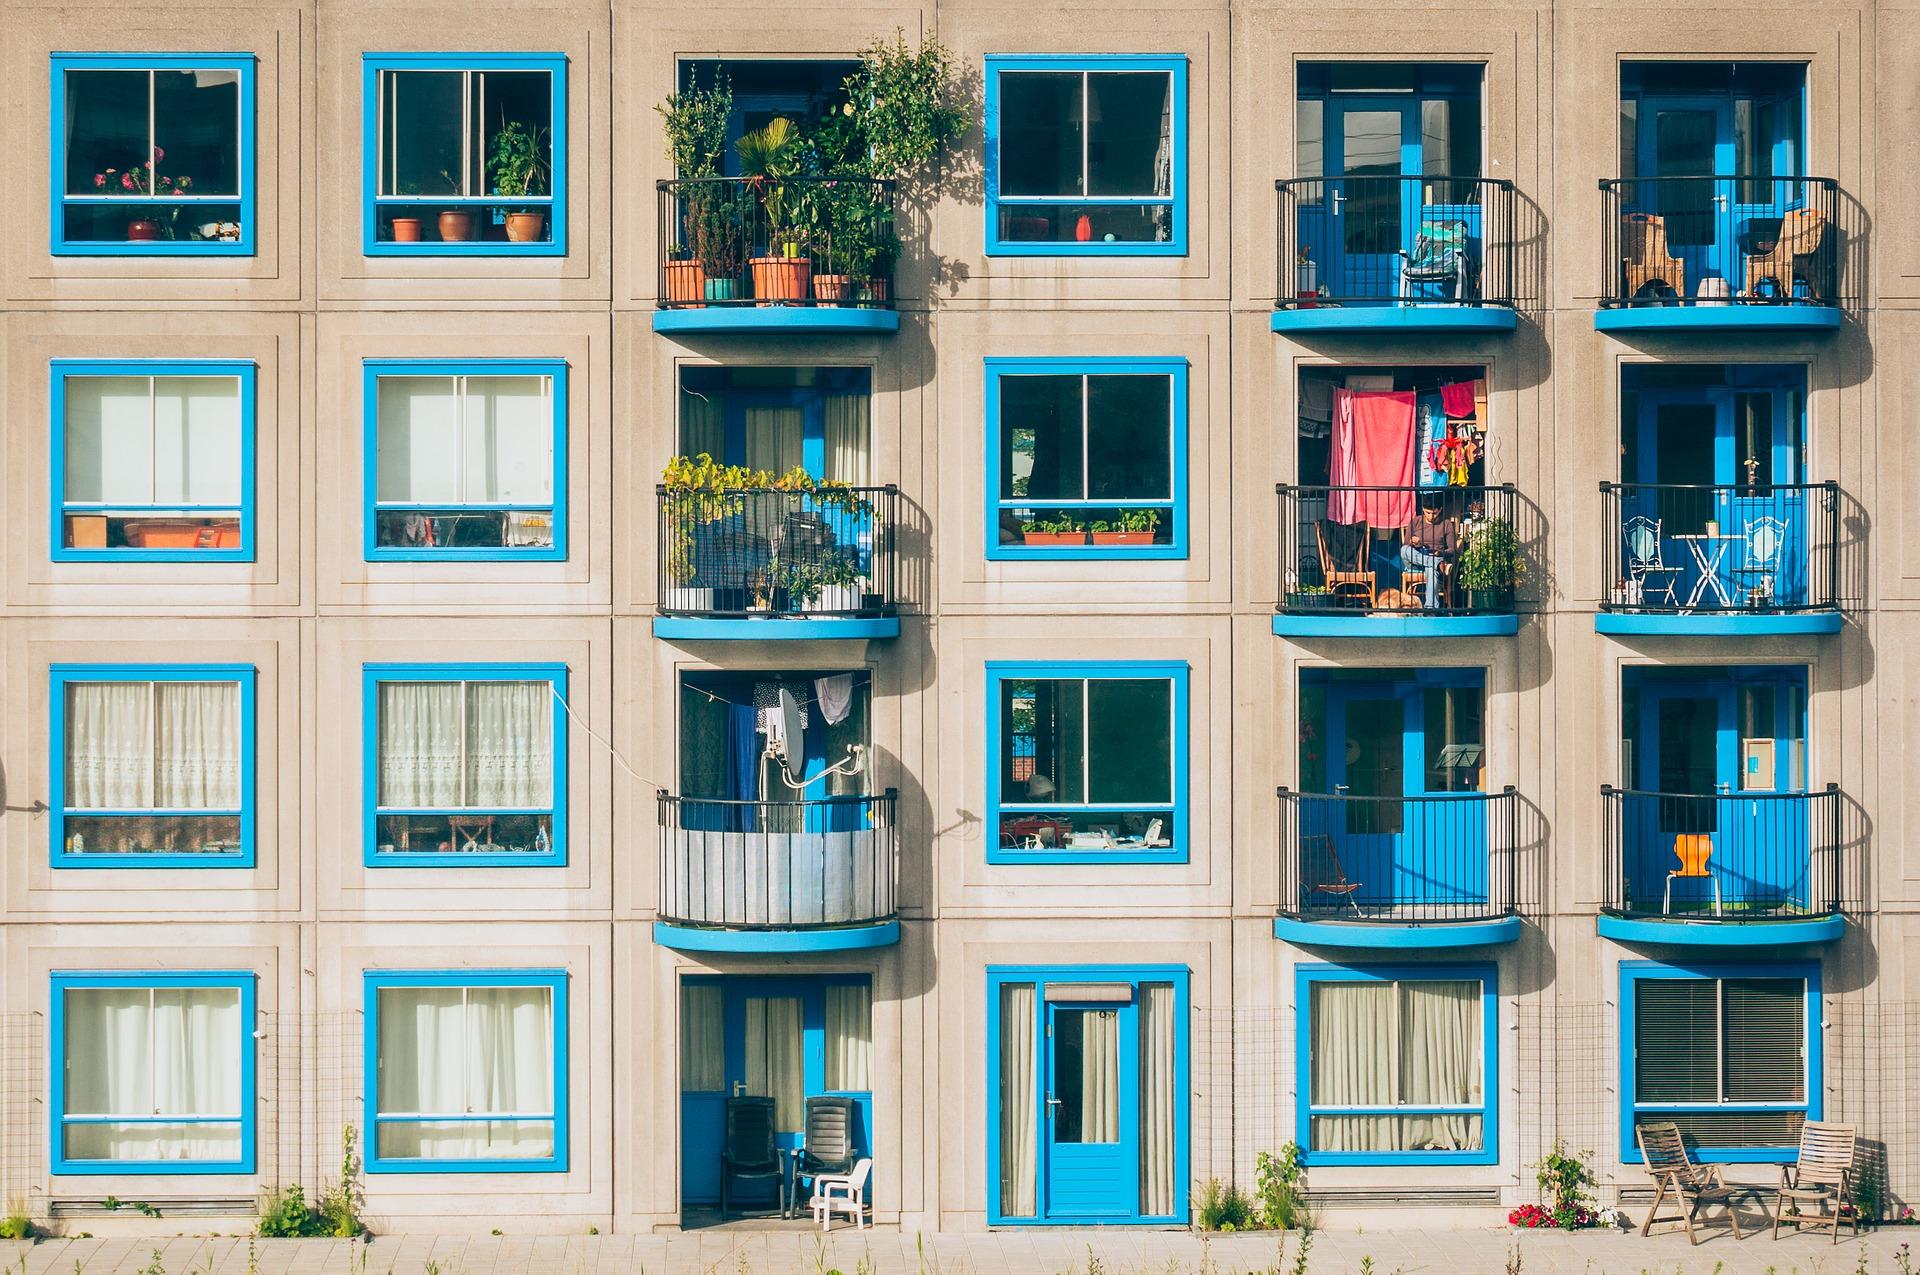 La prevalente funzione estetica rende i balconi dei beni comuni